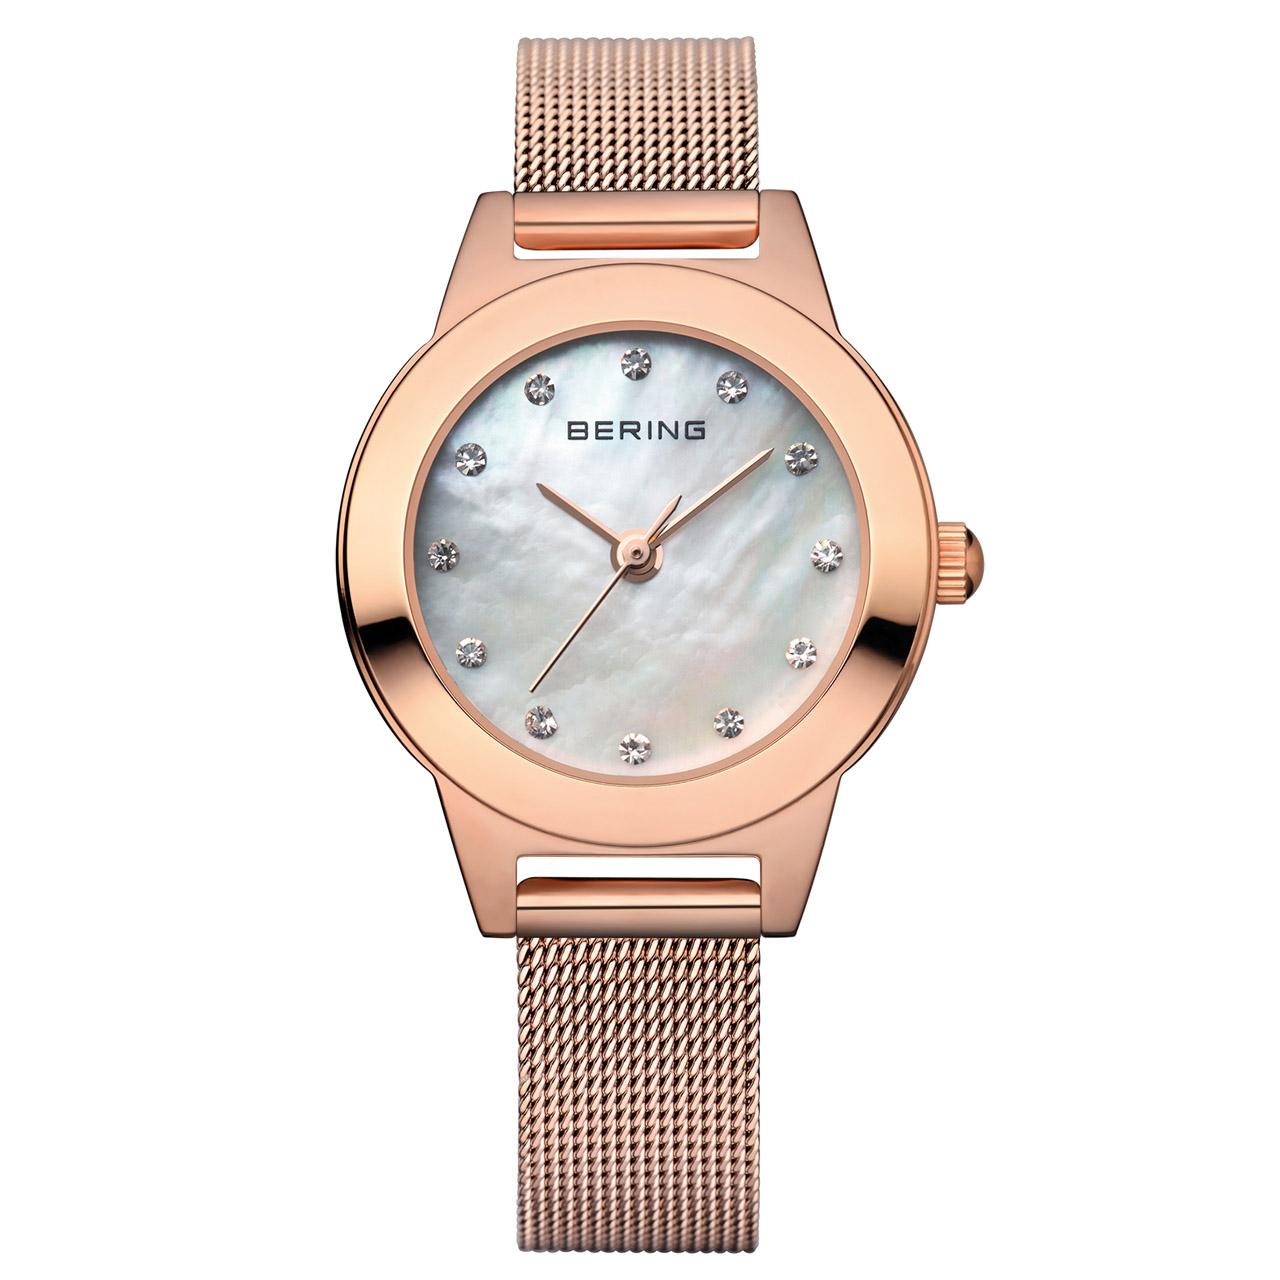 ساعت مچی عقربه ای زنانه برینگ مدل b11125-366